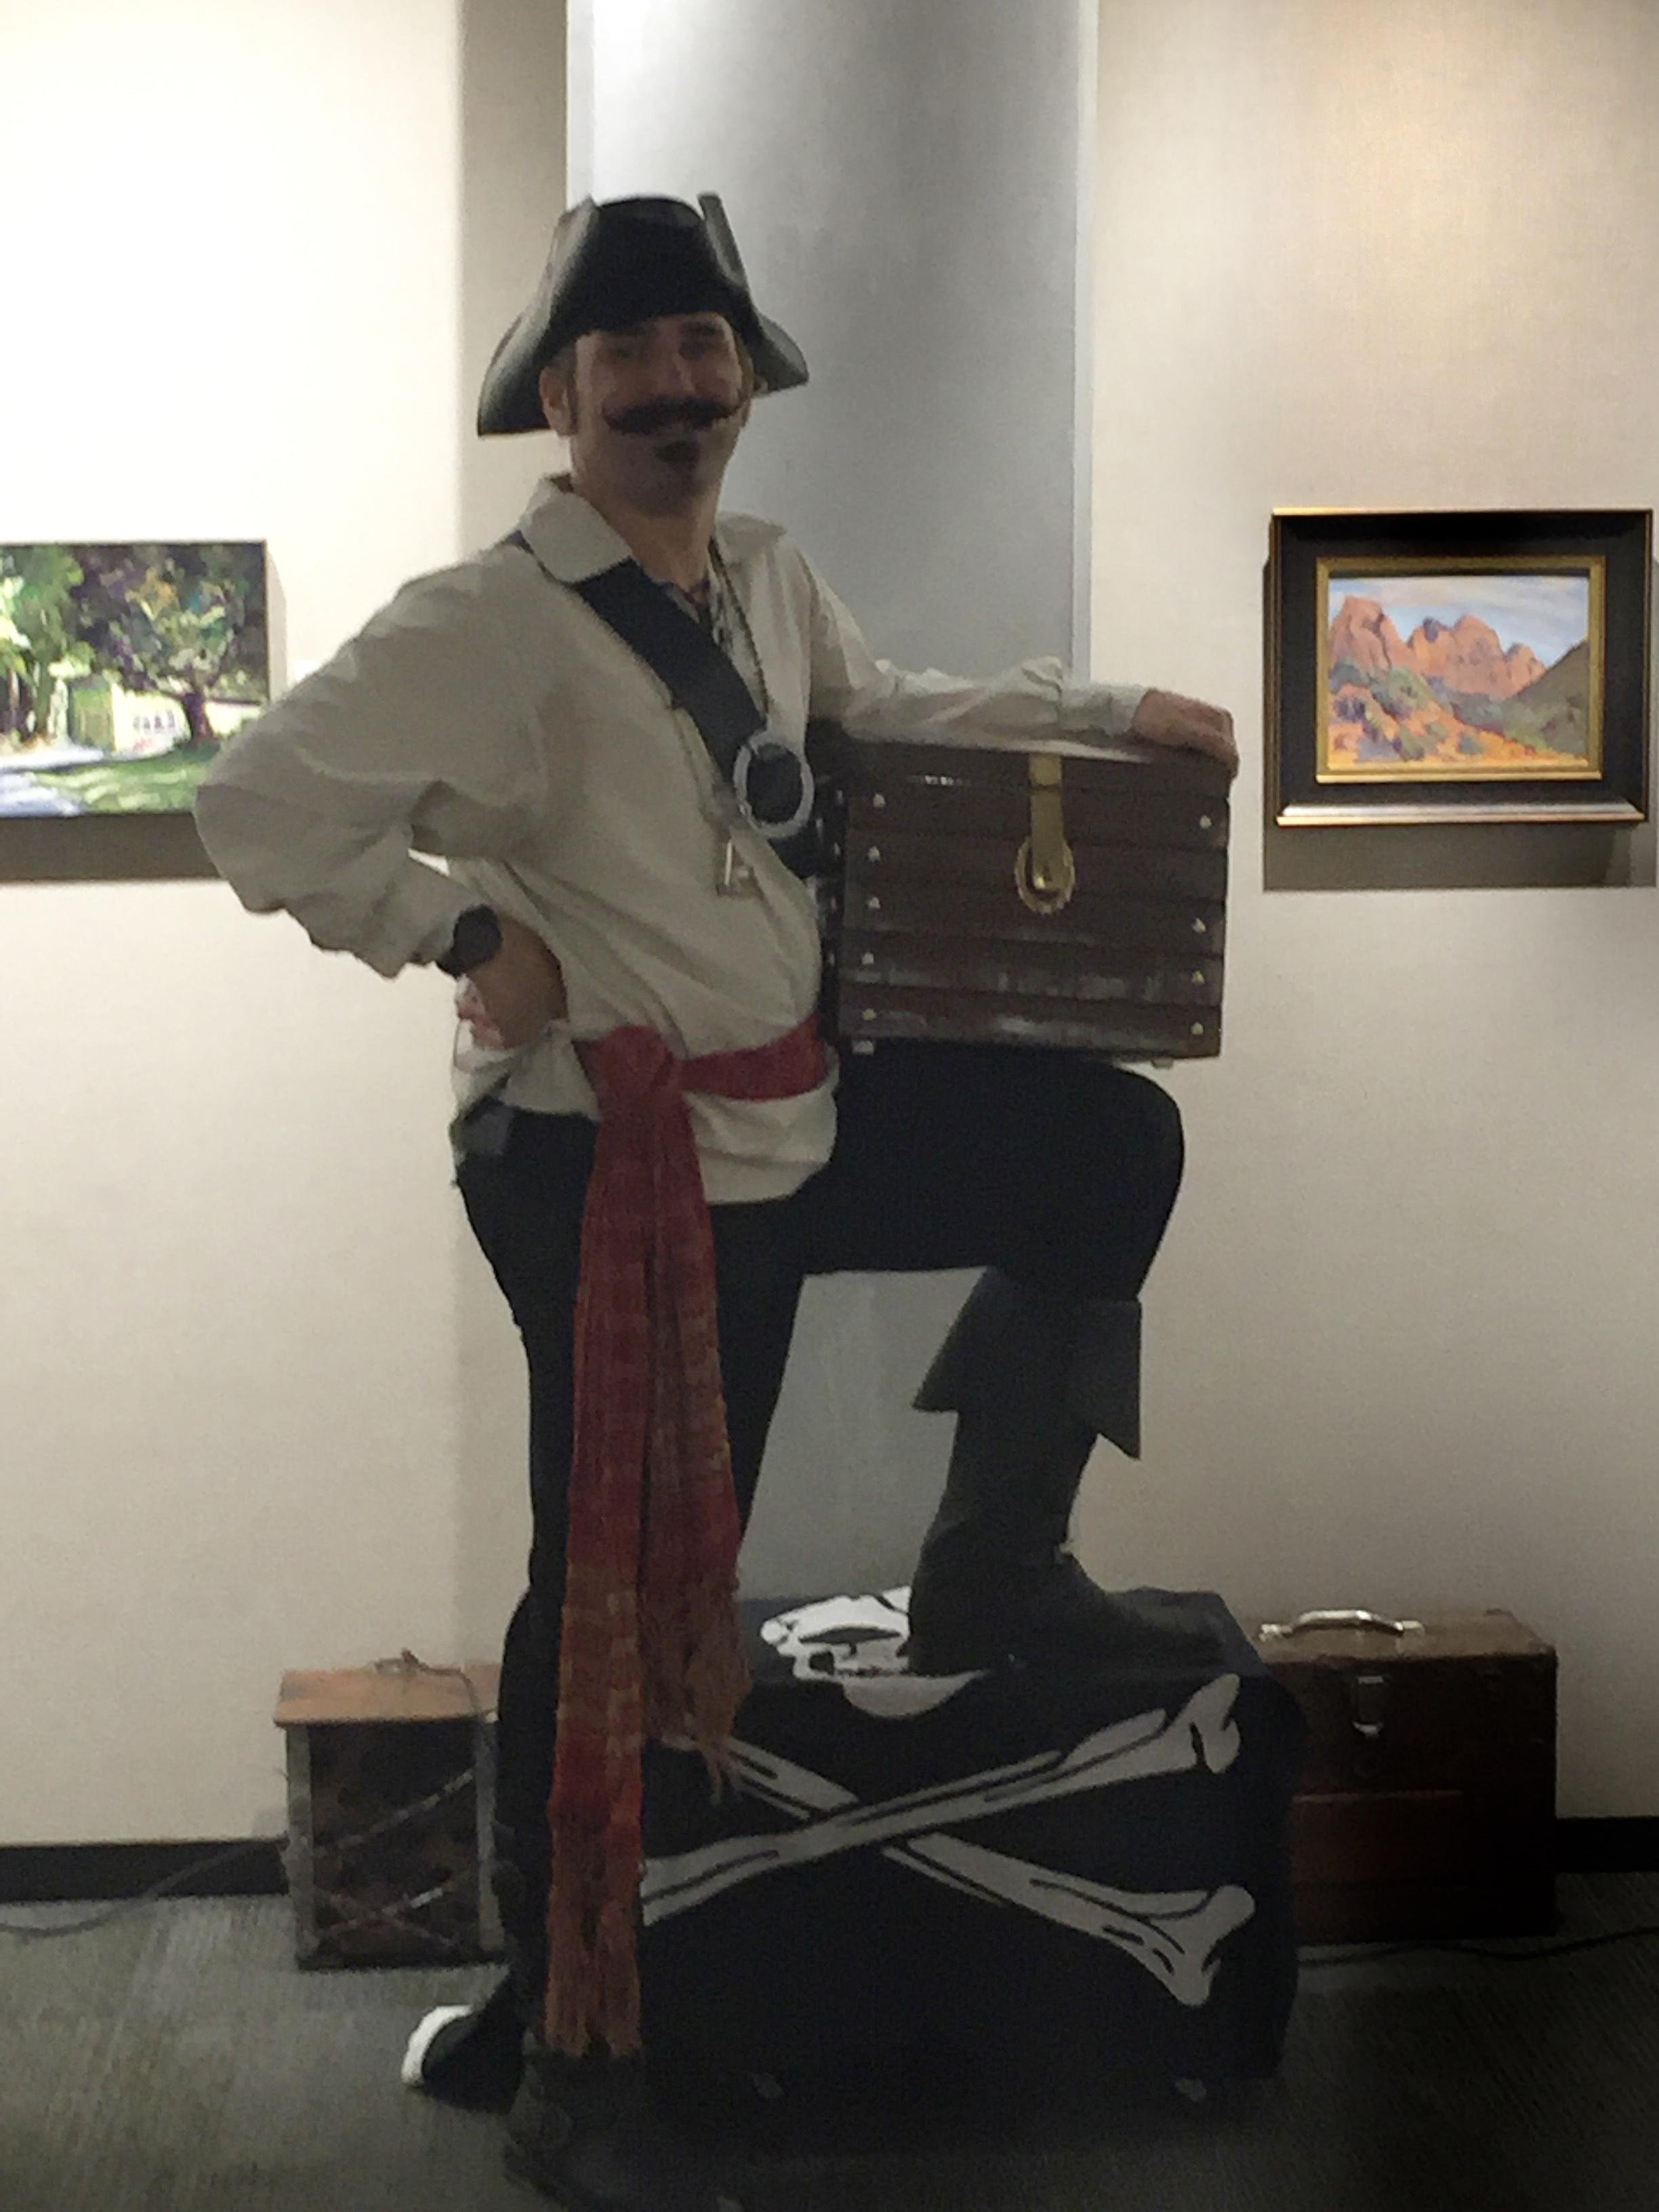 Pirate magician, magic pirate, magic show